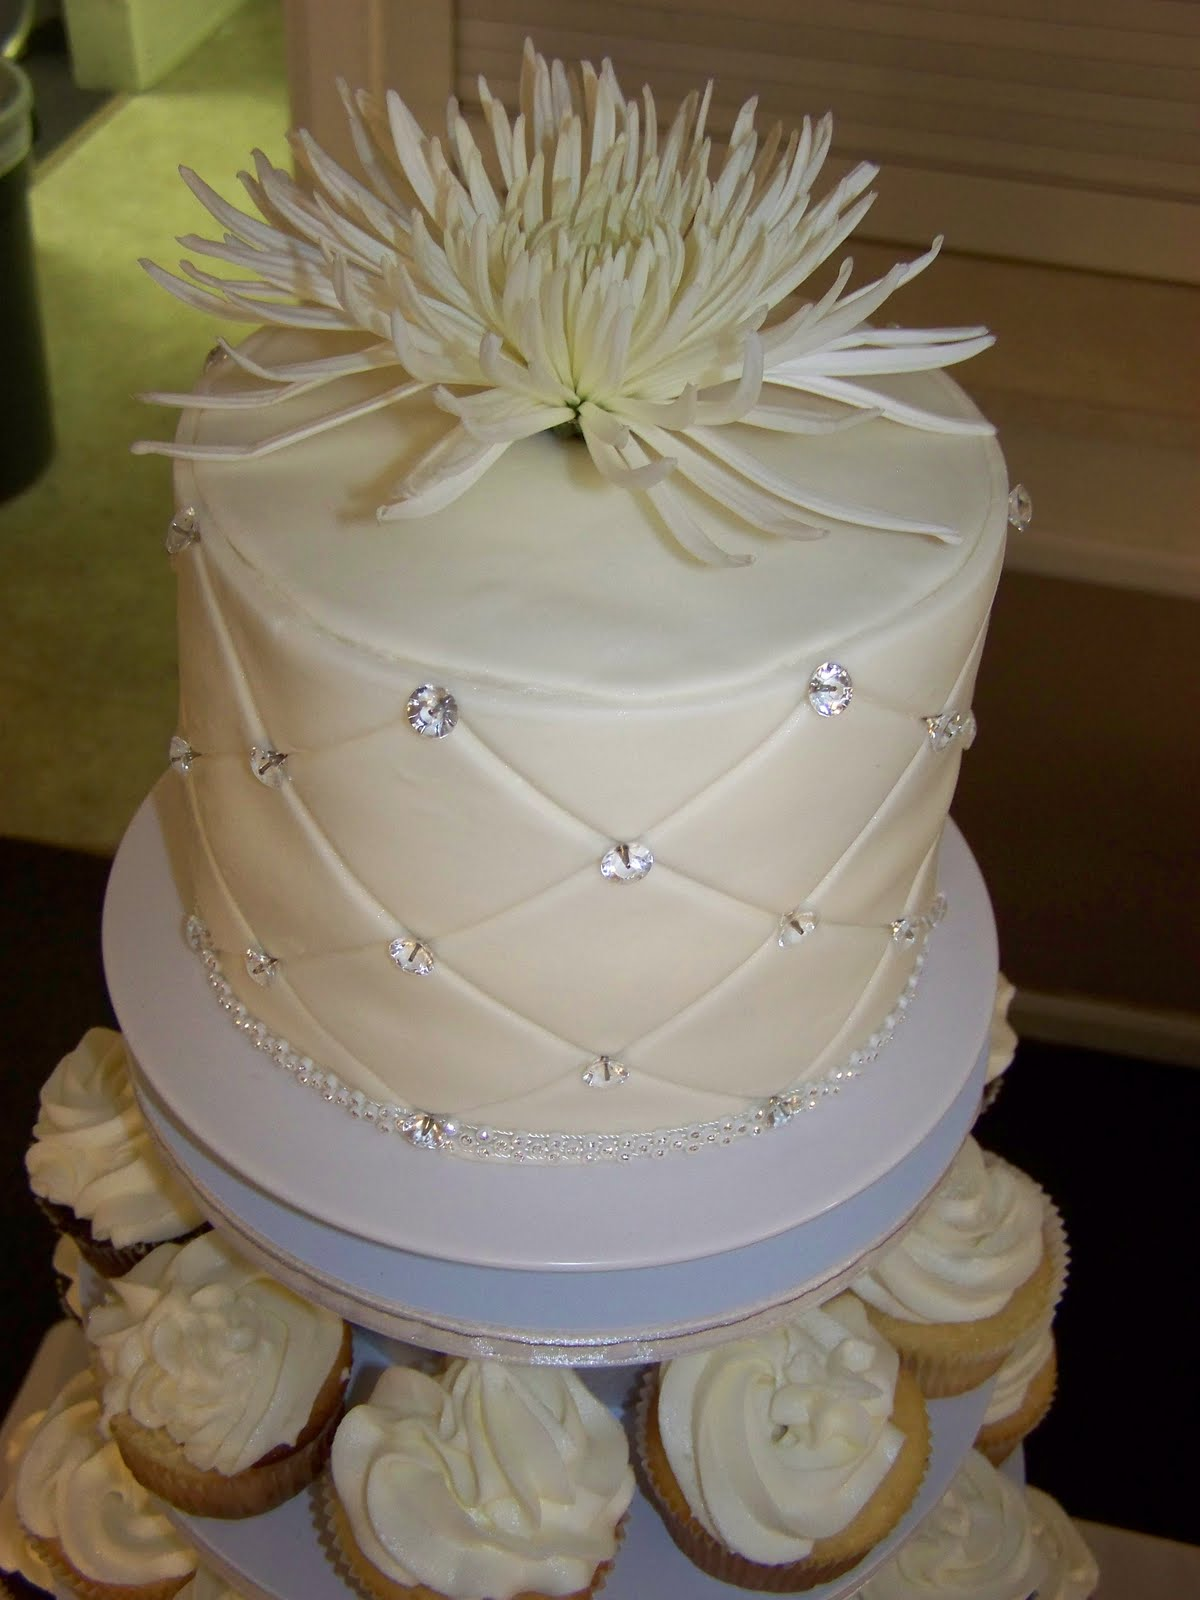 Cake-A-Licious: Diamond Anniversary Cake & Cupcake Tower